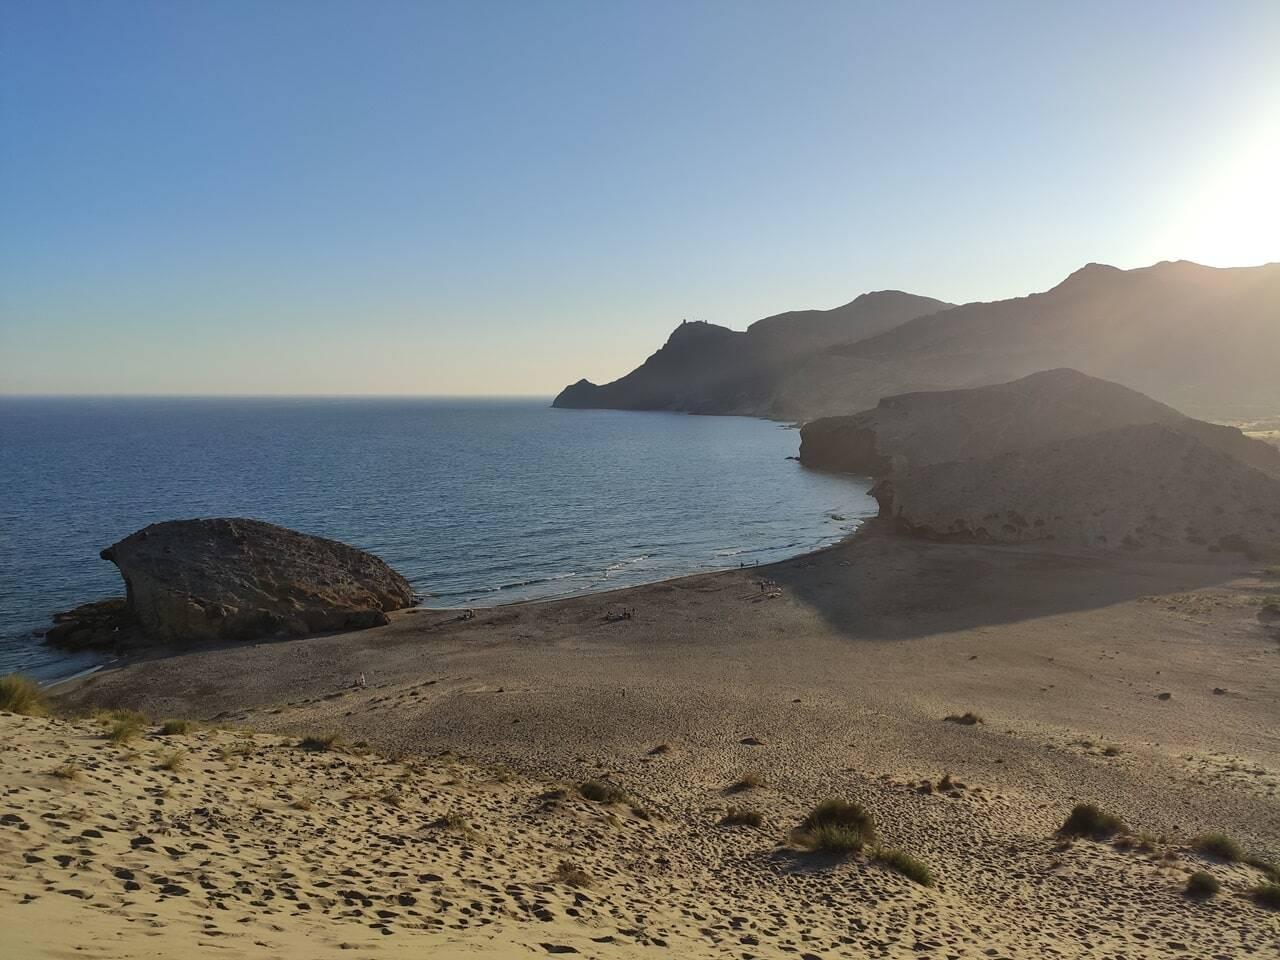 playa de monsul Cabo de gata